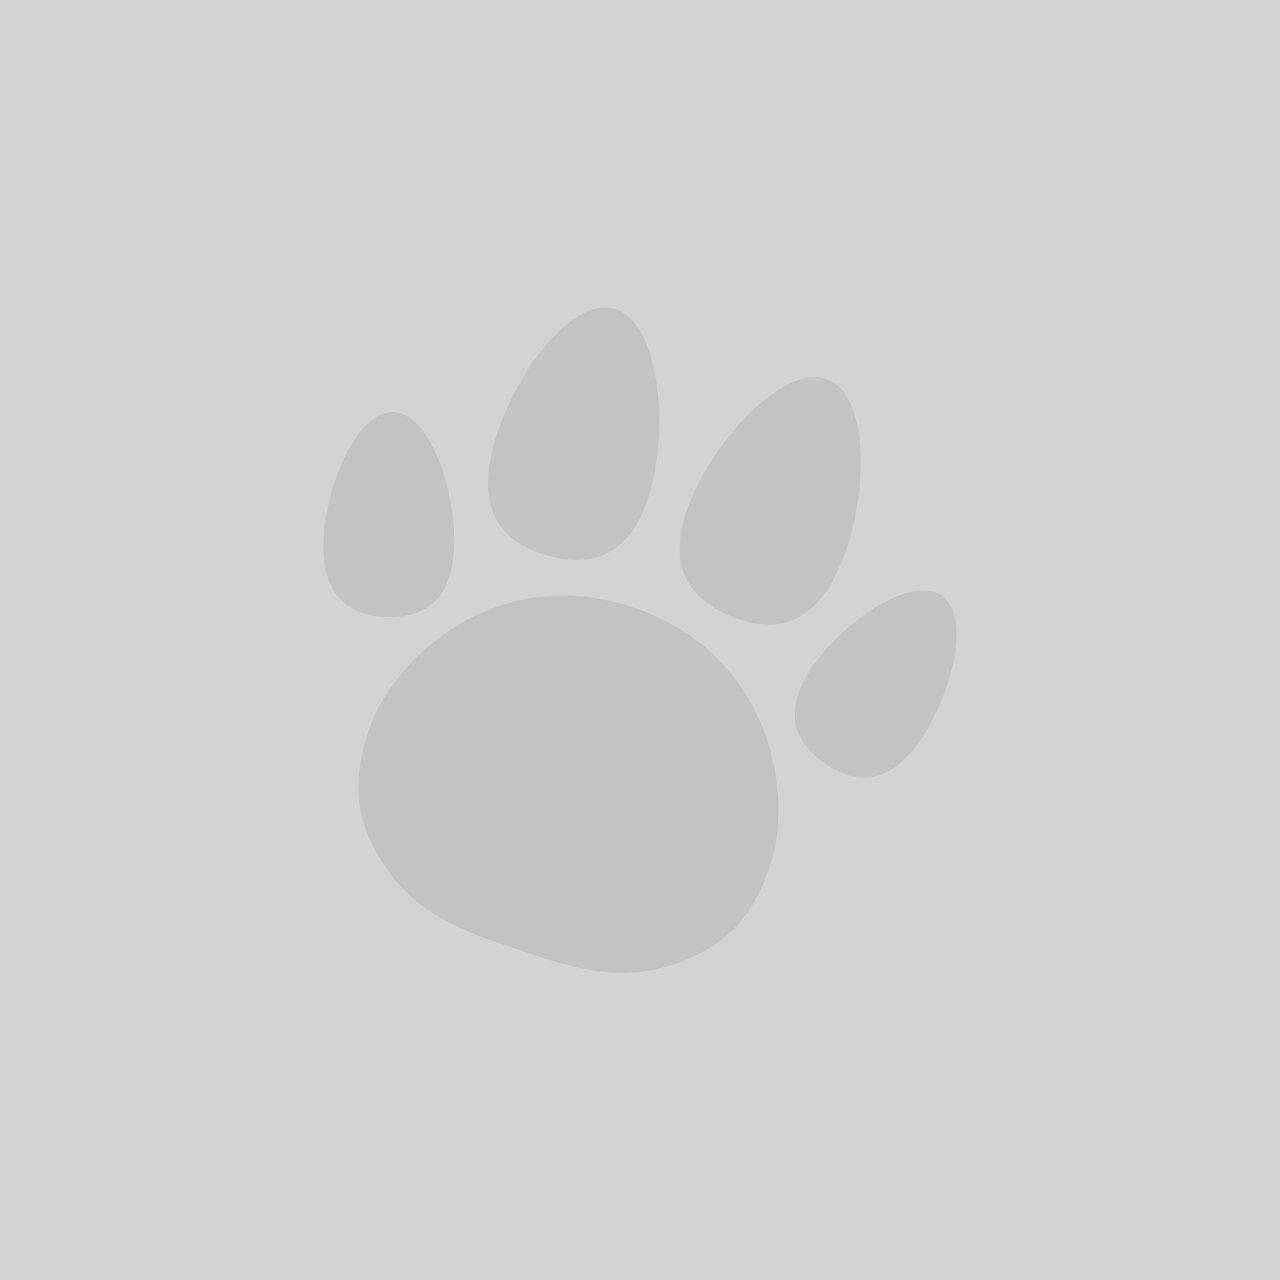 Rufus & Rosie Stainless Steel Bowl Black 470ml